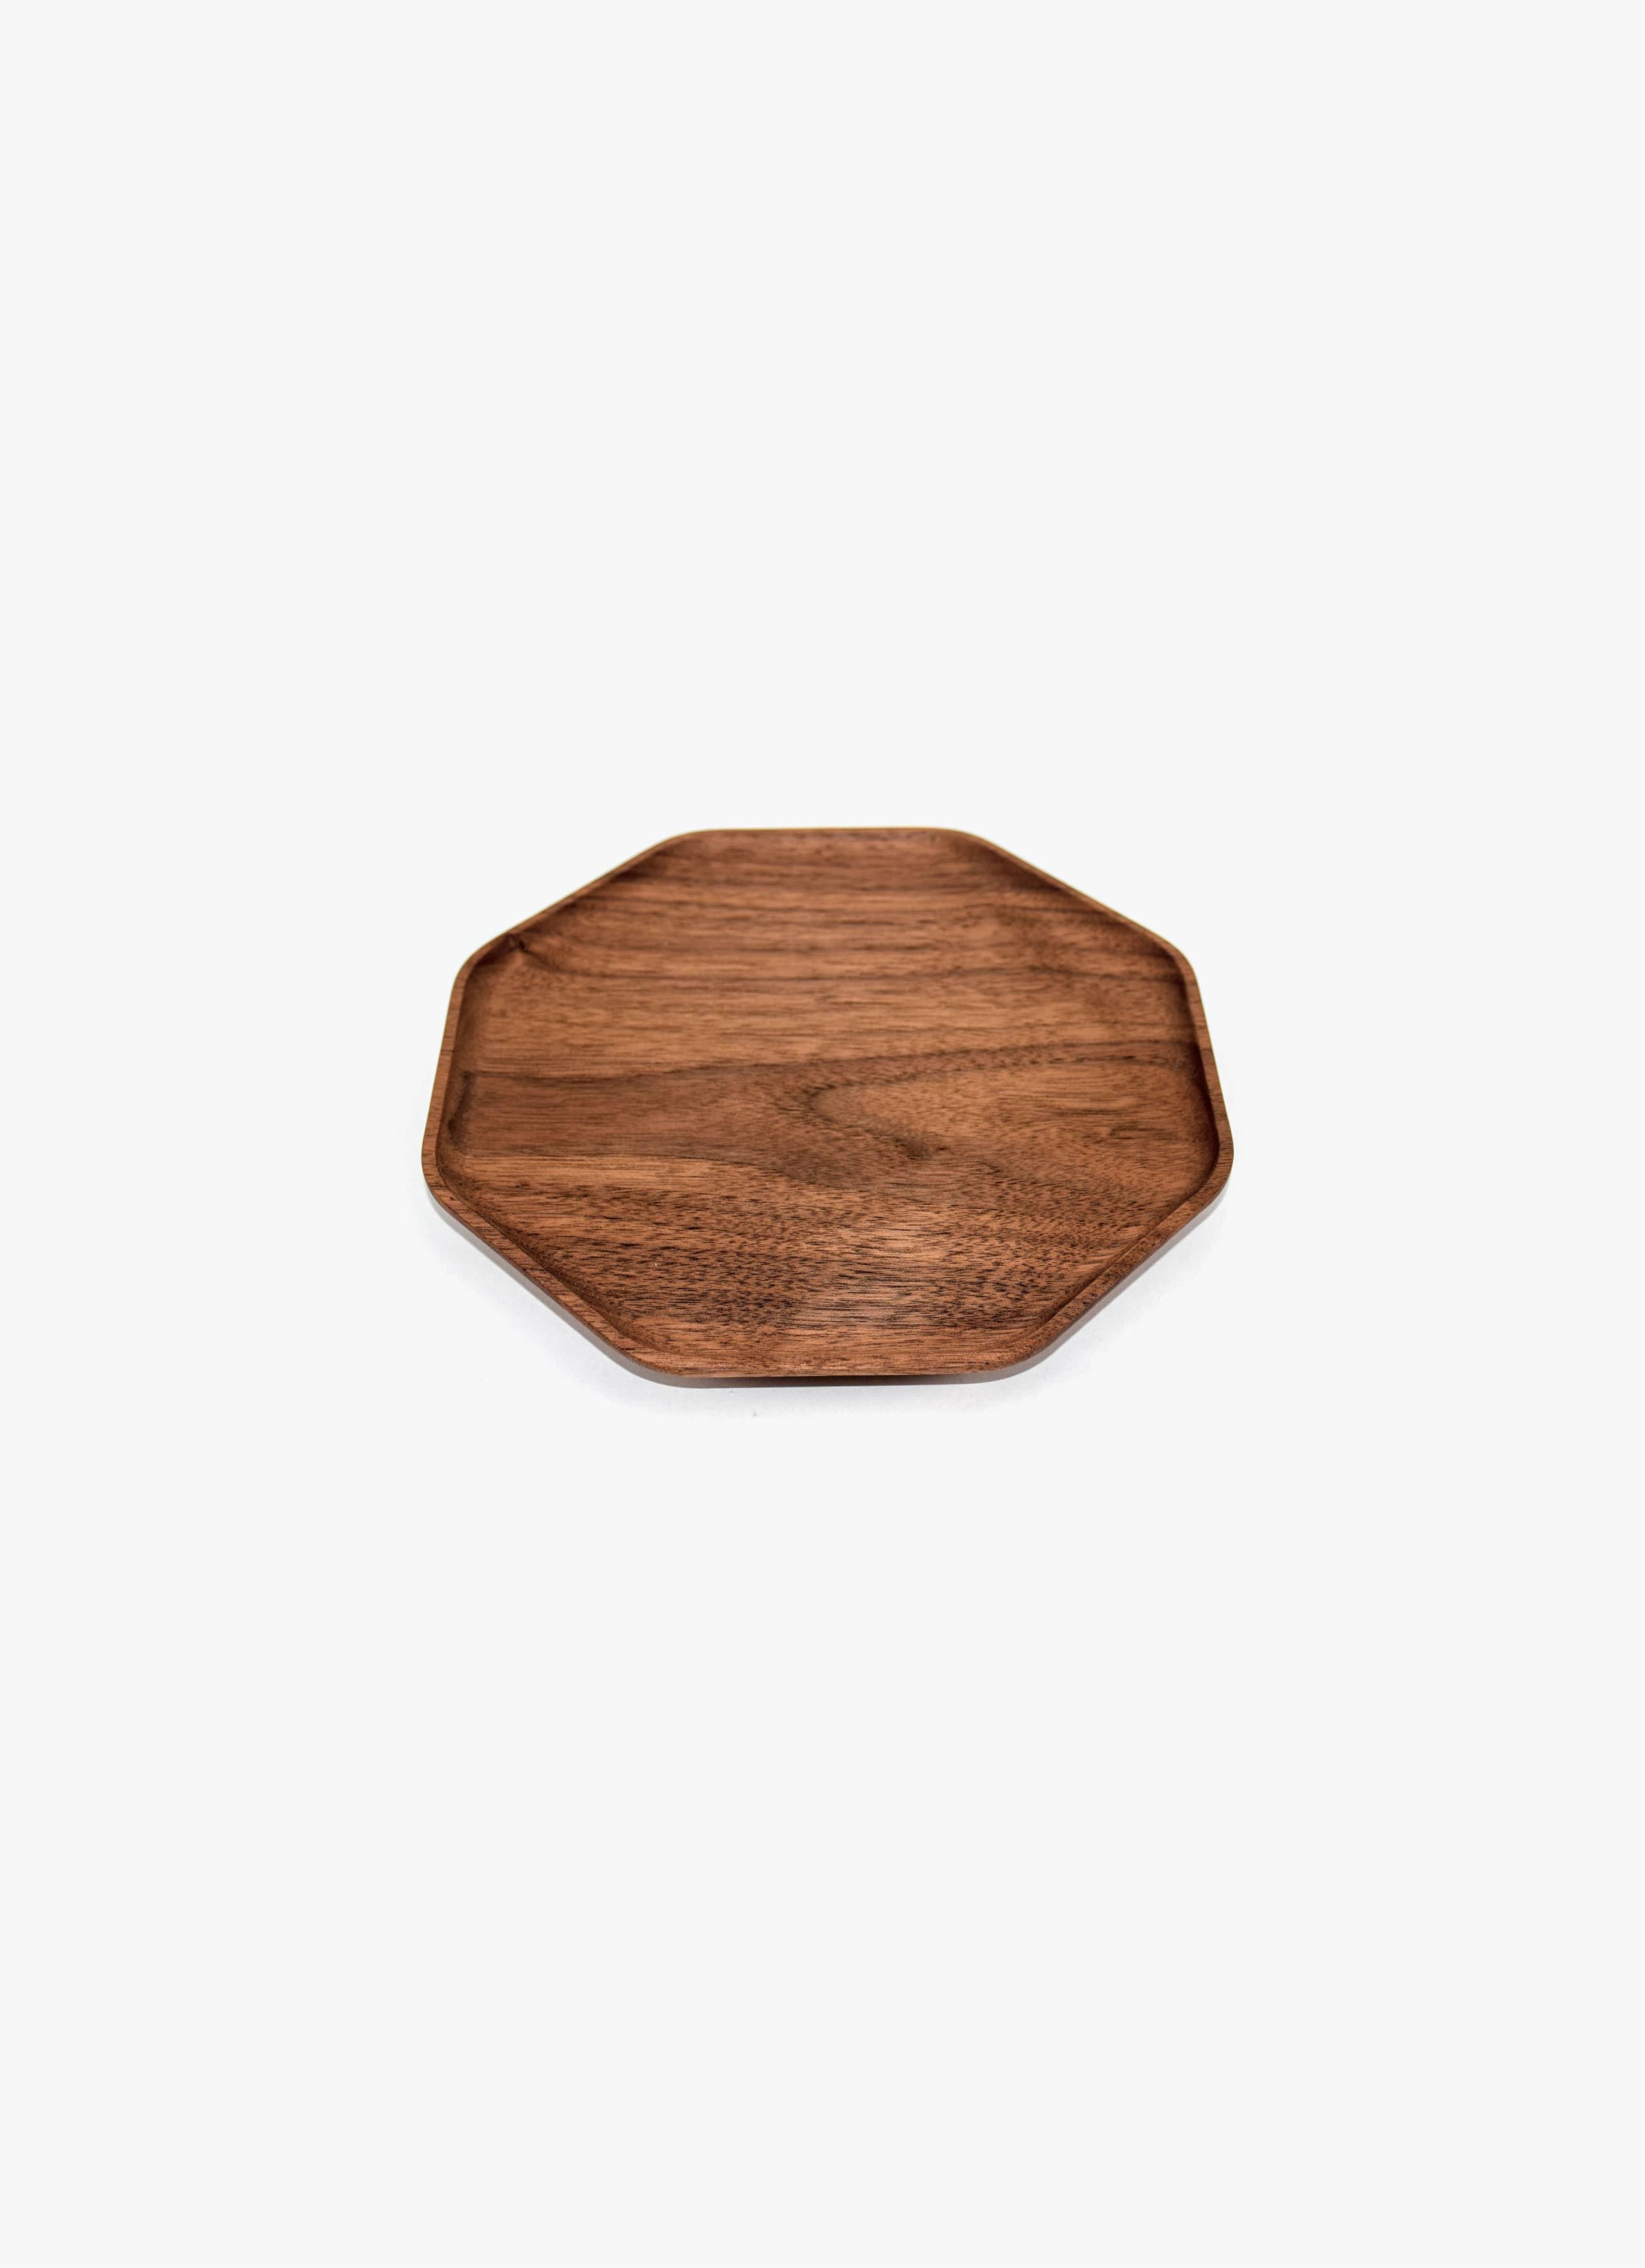 Asahikawa Woodworking - Oji Masanori - Kakudo Plate - Walnut - S